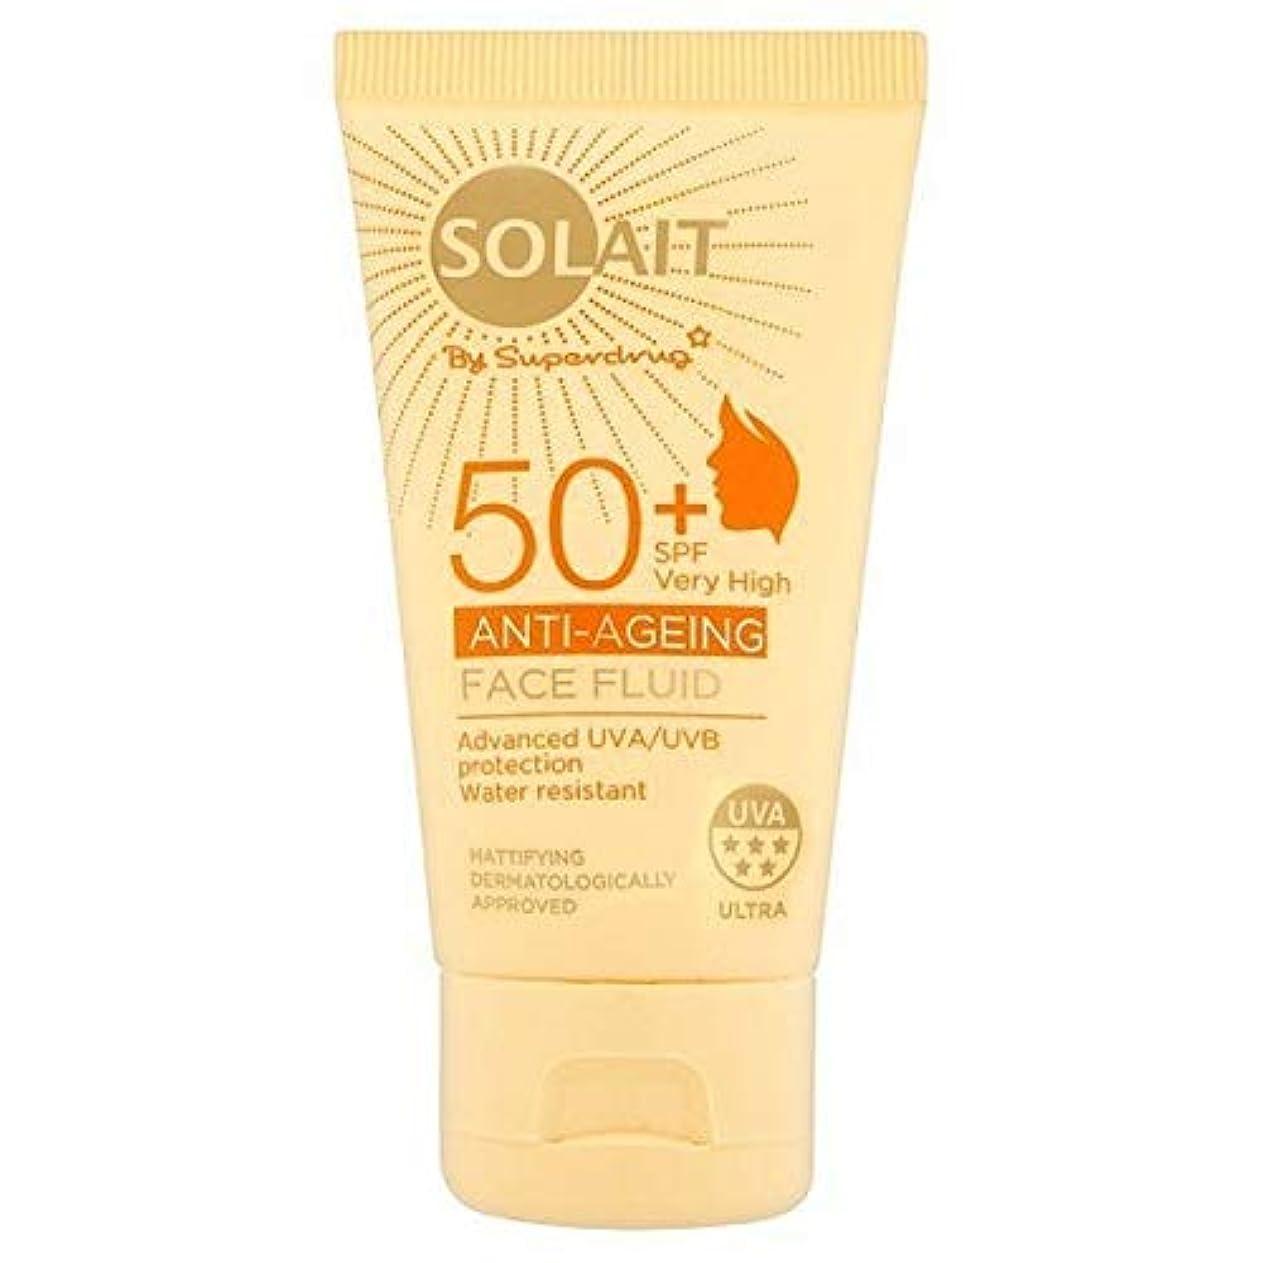 ピケファンシーアブセイ[Solait] Solait顔日クリームSpf50液の50ミリリットル - Solait Face Sun Cream Fluid SPF50 50ml [並行輸入品]